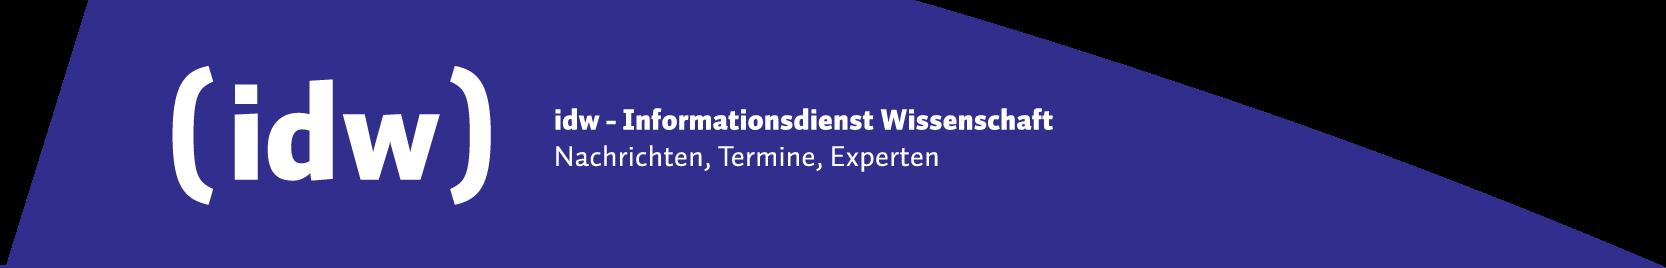 """Geoinformatiker erhalten knapp eine Million Euro für Bürger-Projekt """"SenseBox"""" - Logo"""